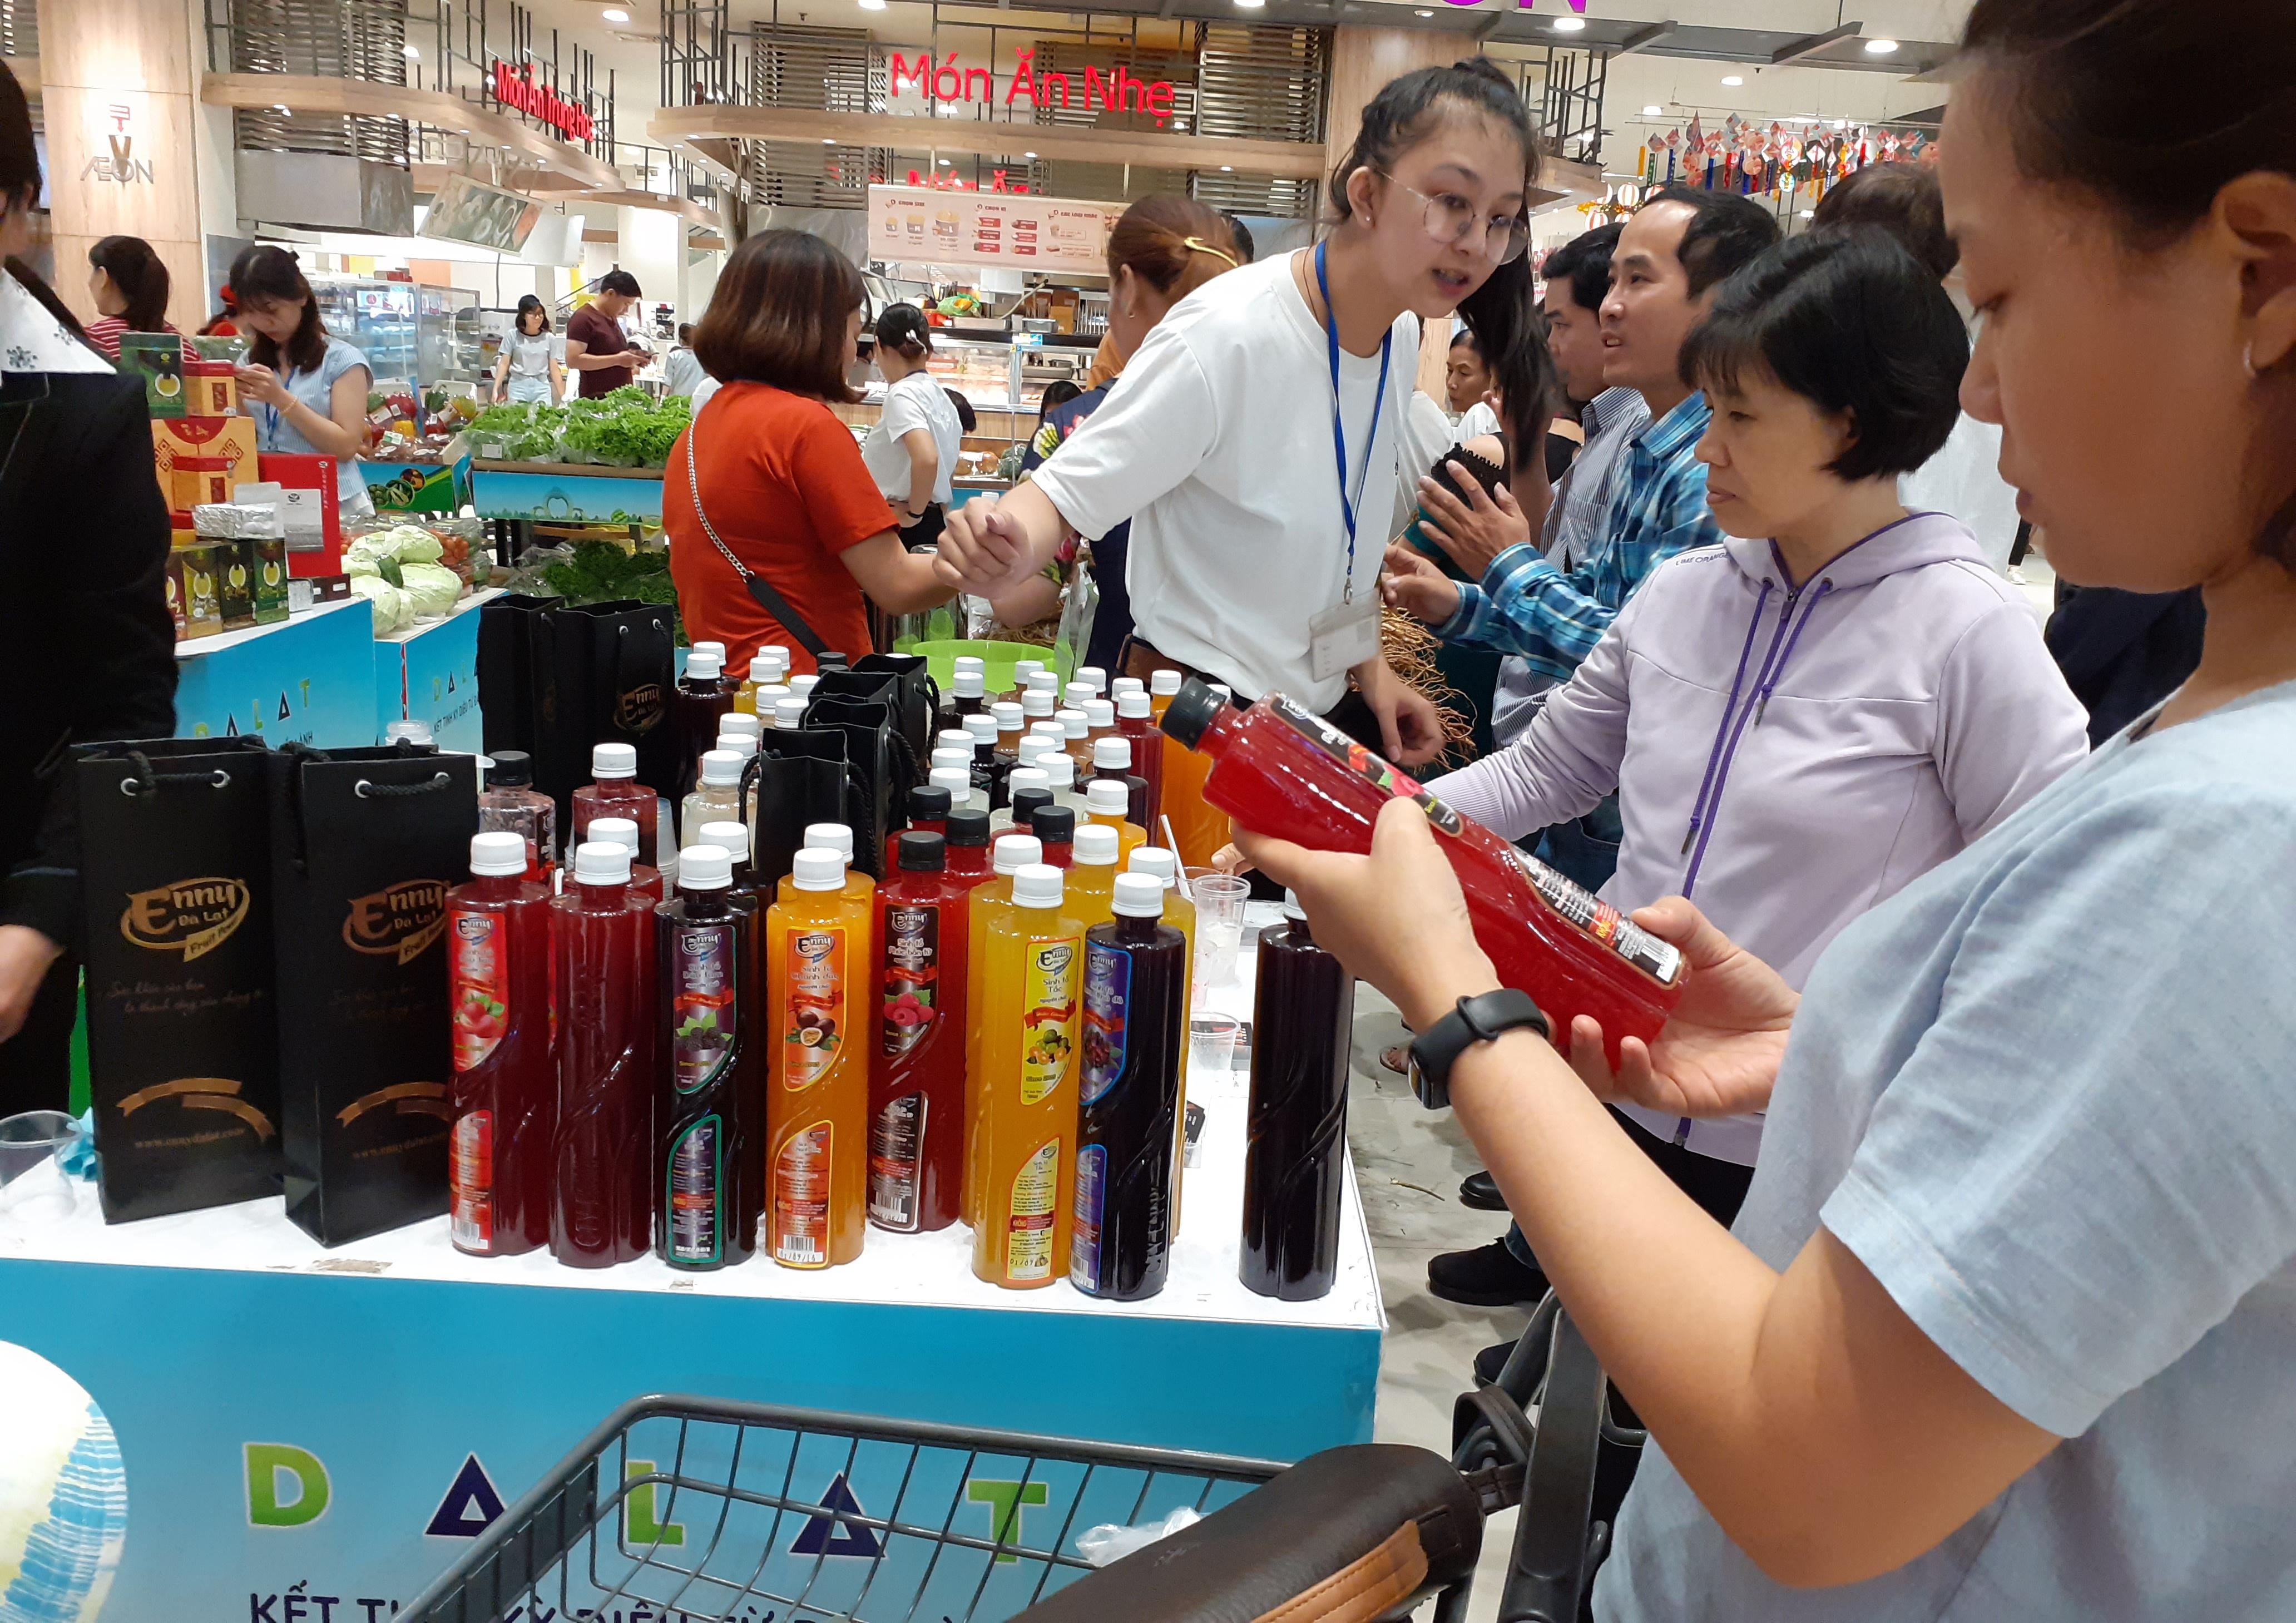 Doanh nghiệp tìm cách phát triển thị trường xuất khẩu thông qua hệ thống bán lẻ hiện đại.